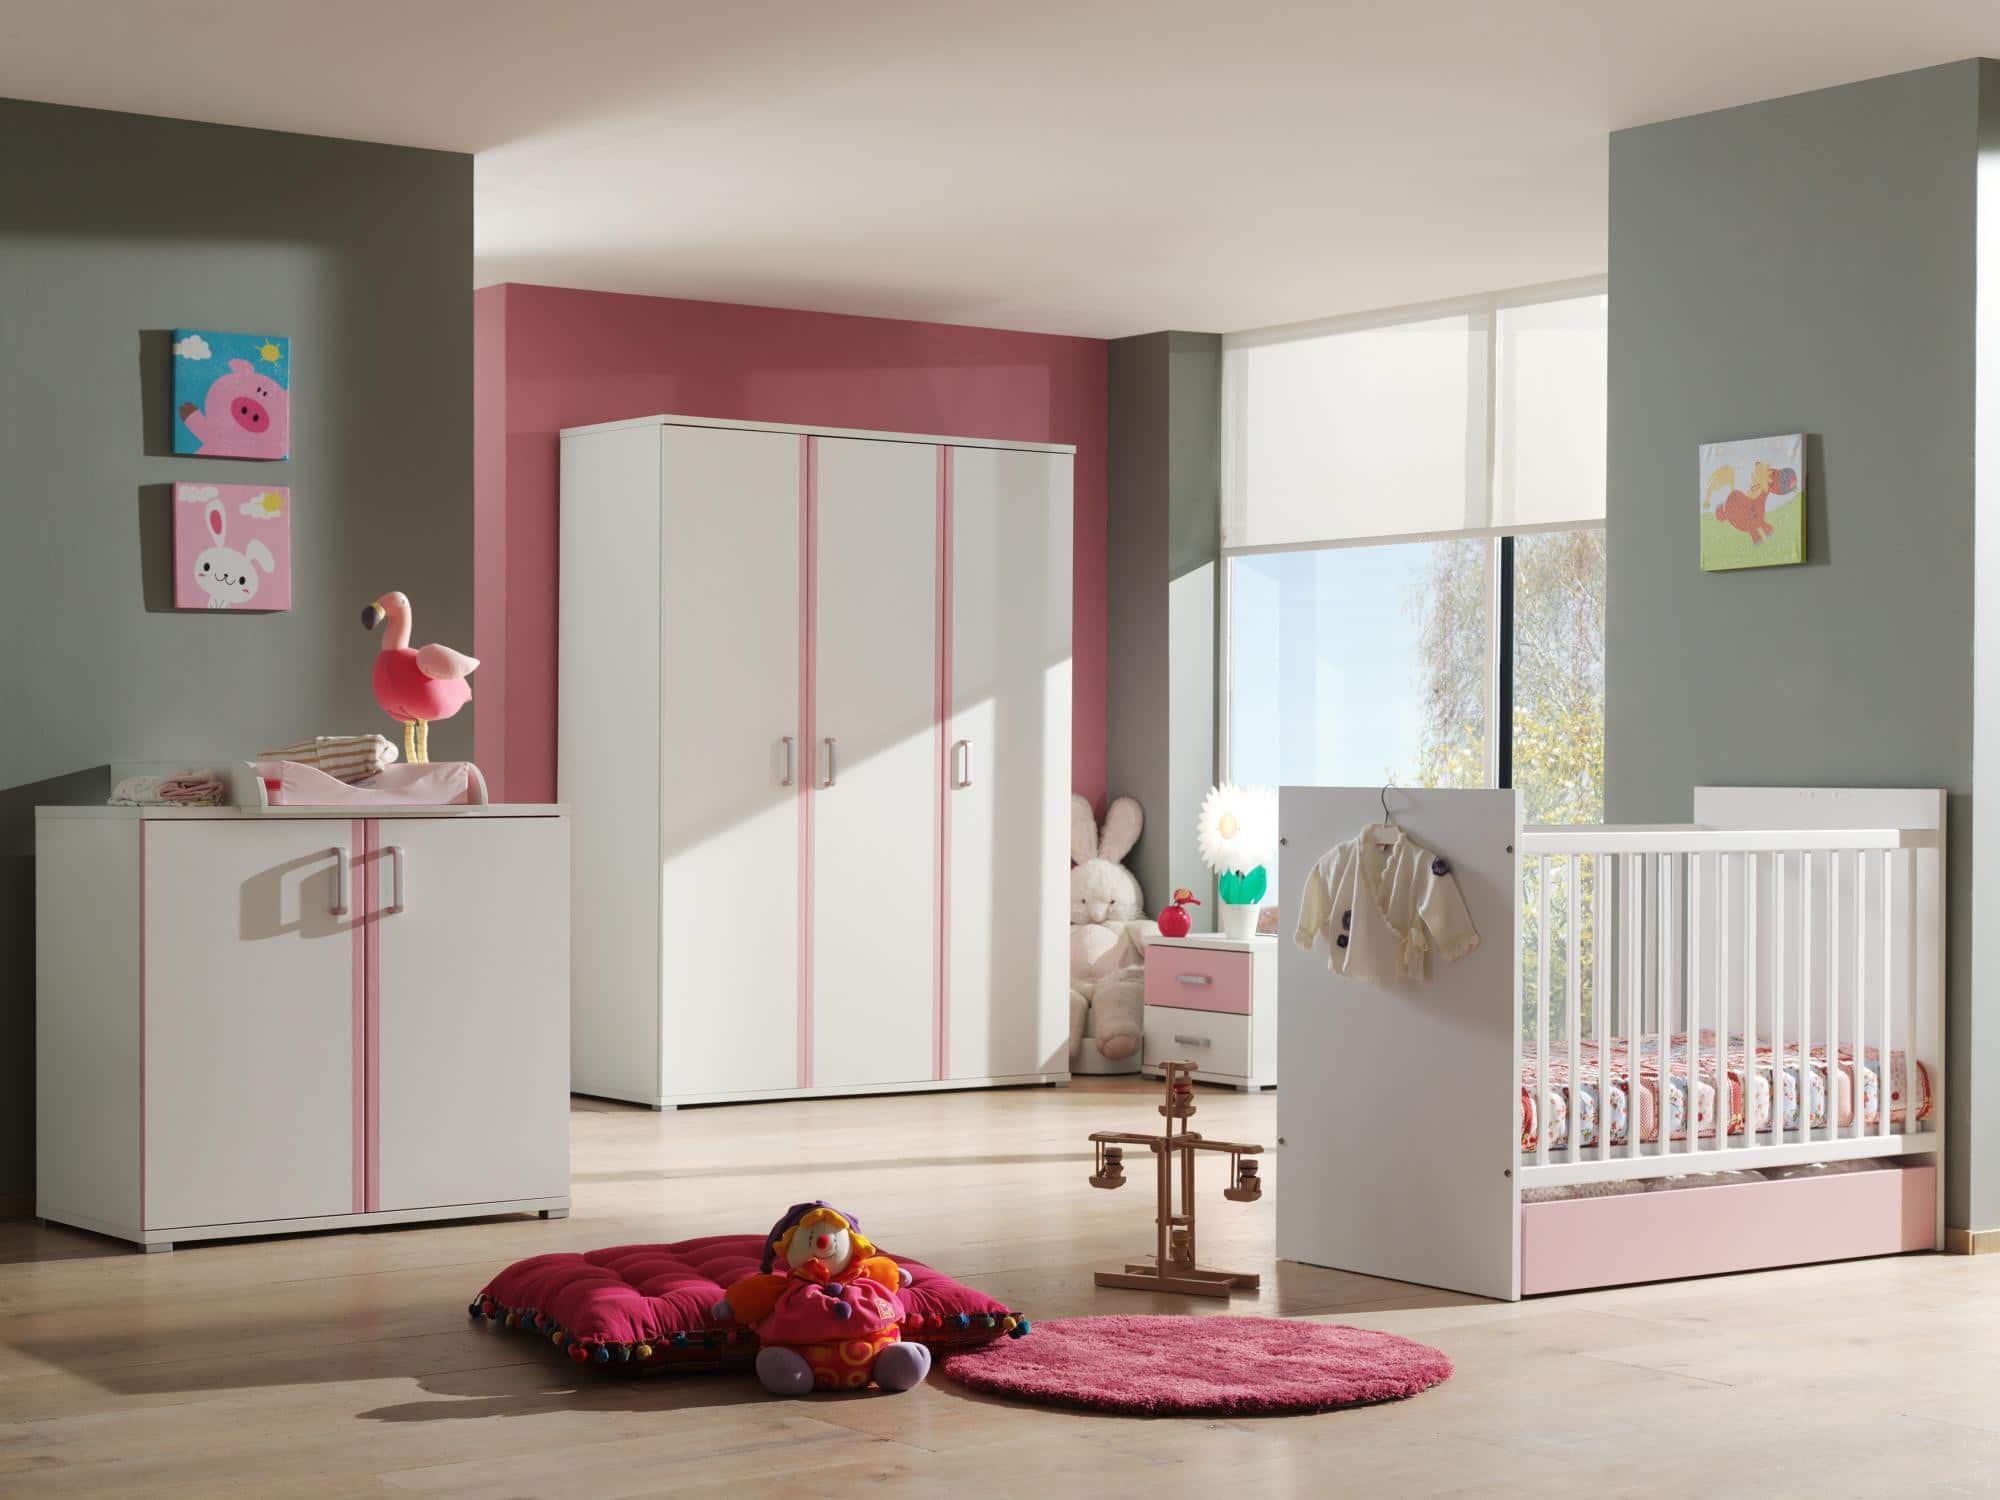 ment décorer une chambre d enfant Le Blog Matelpro